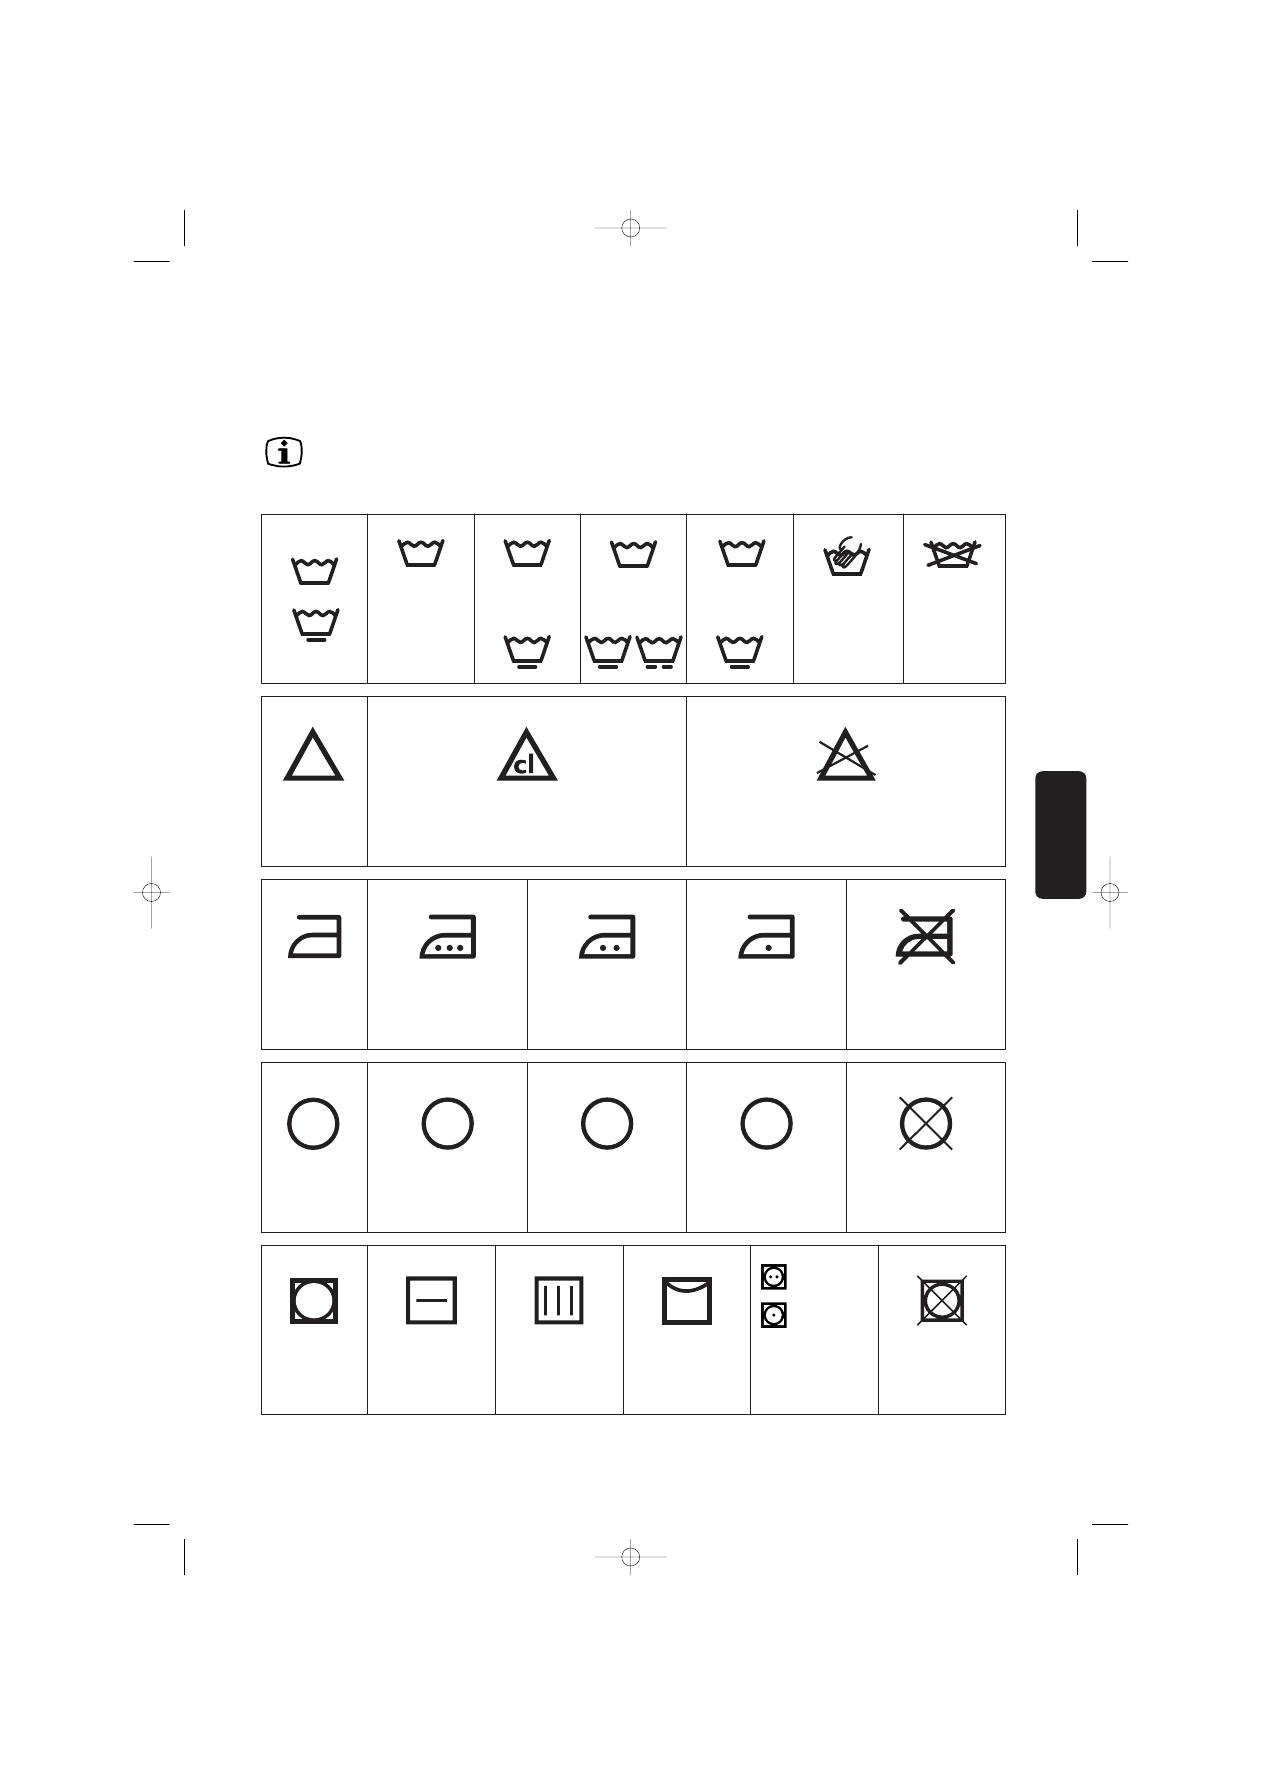 Инструкция к машинке занусси